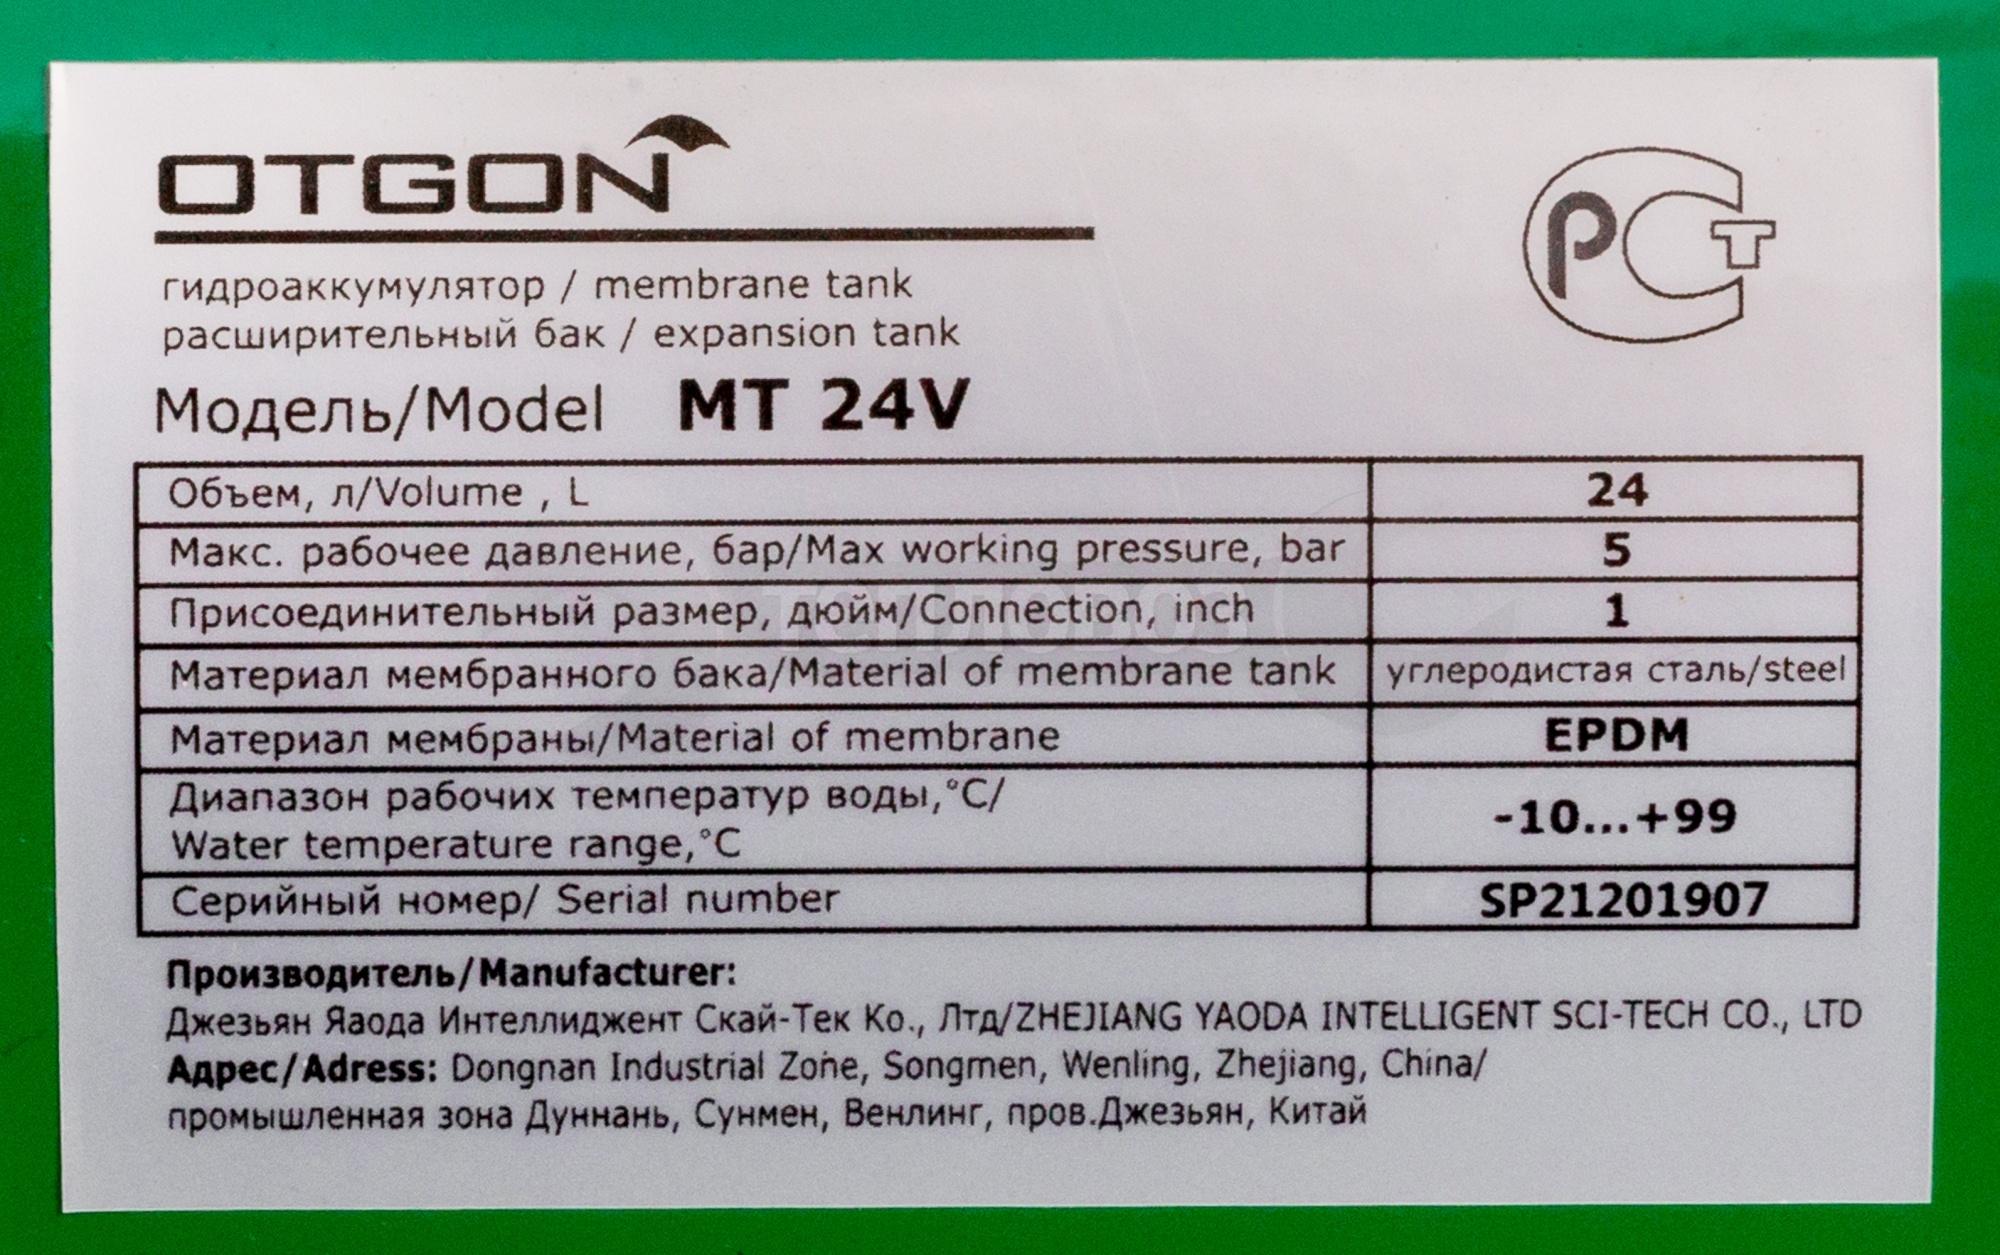 Otgon MT 24V, 24 л вертикальный, без манометра